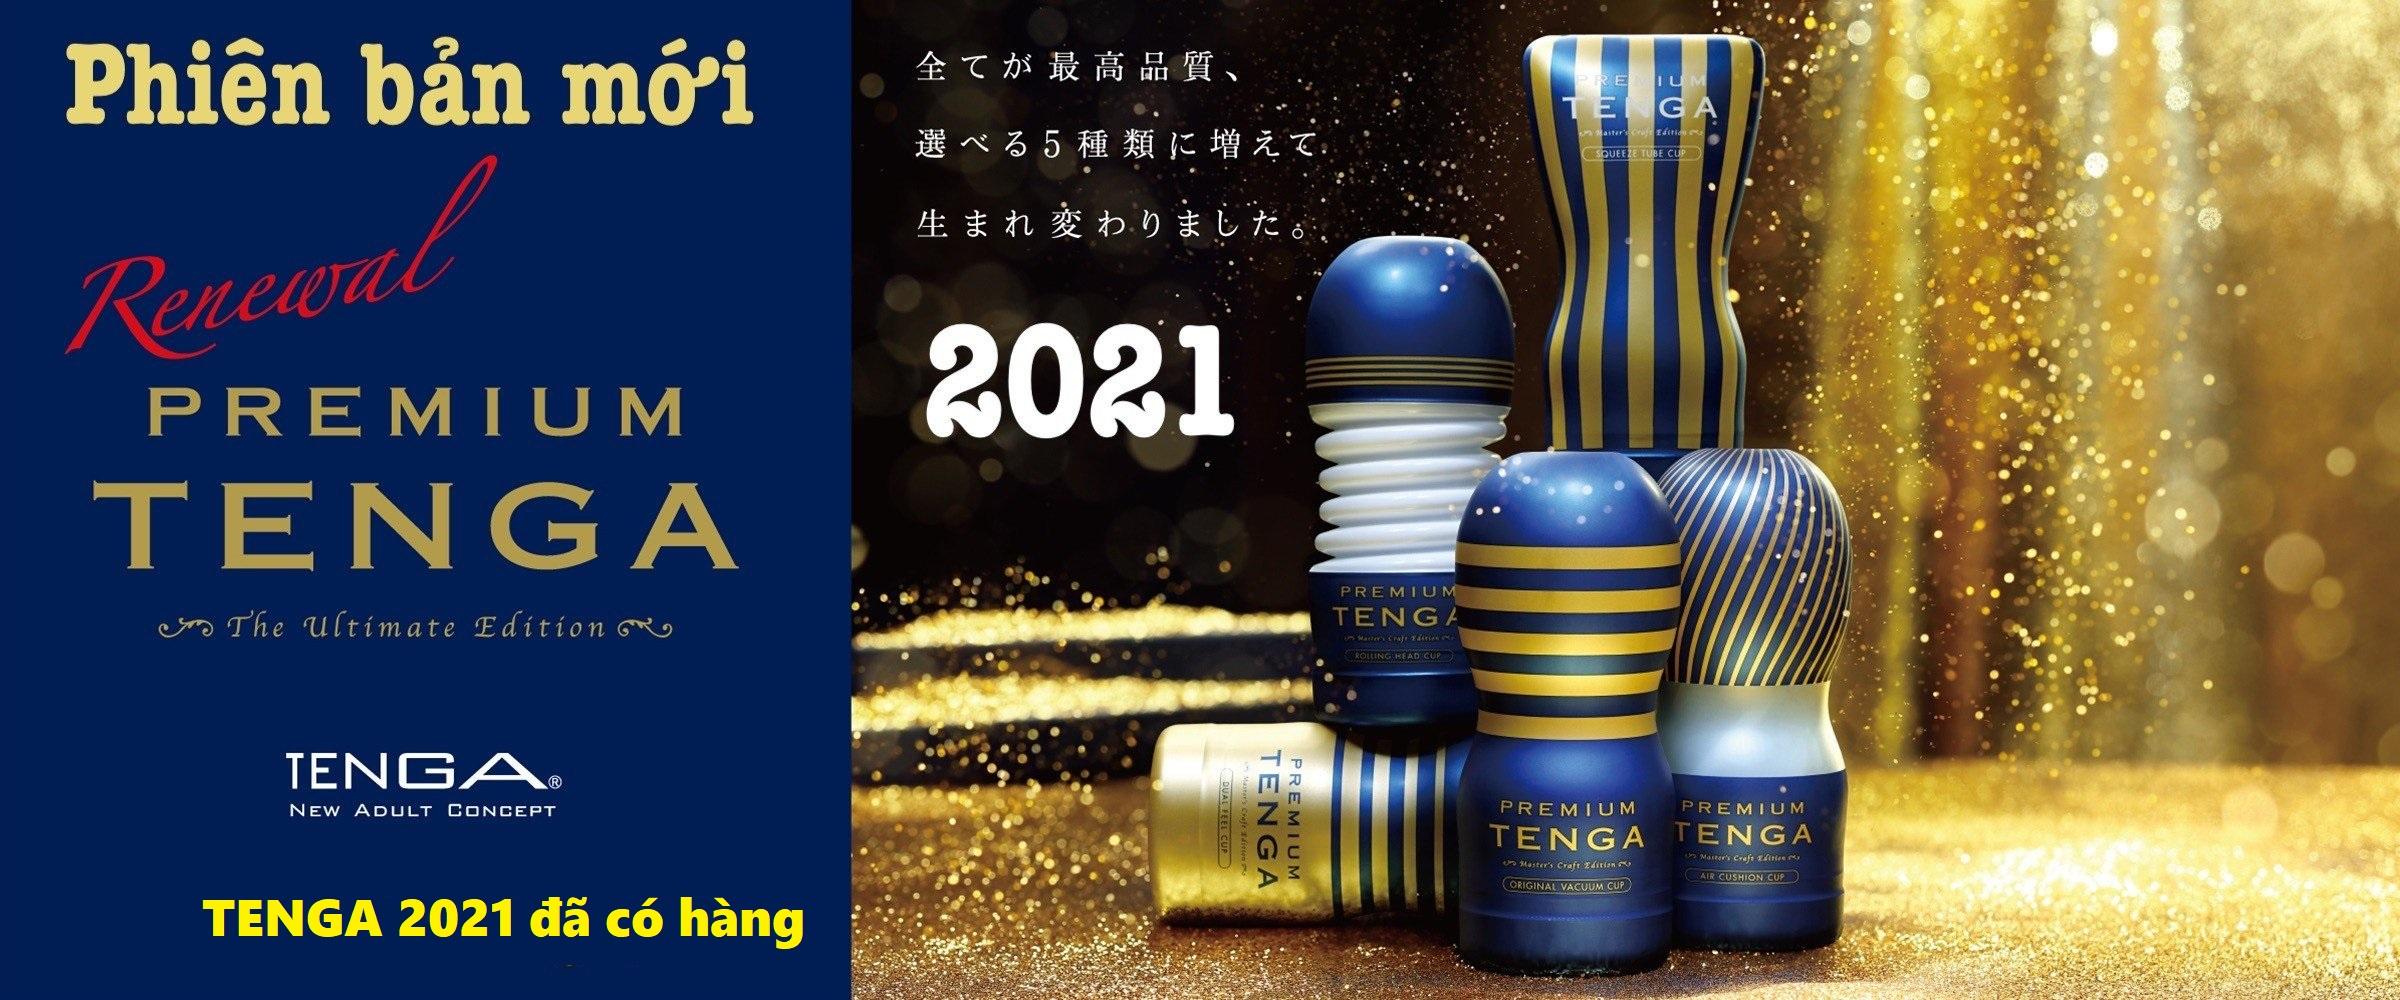 TENGA 2021